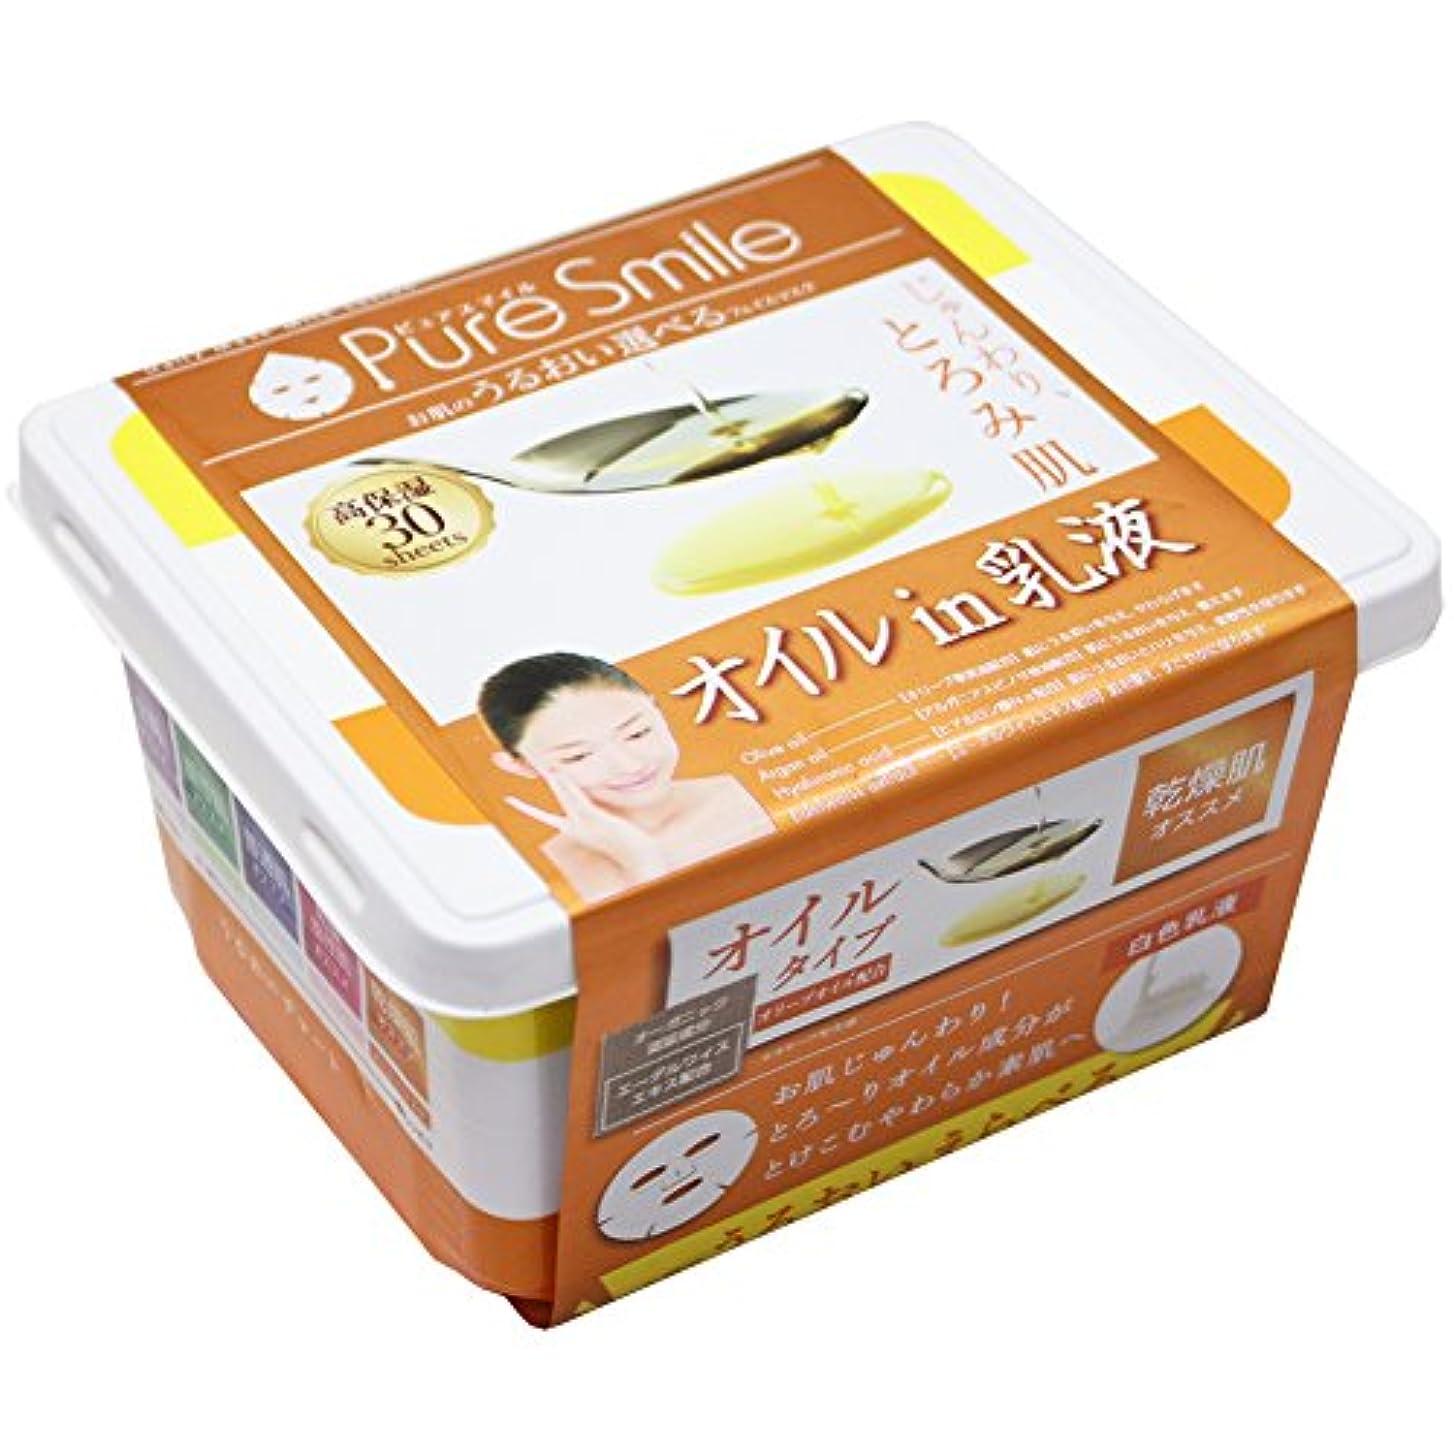 染色合理的栄養PureSmile(ピュアスマイル) フェイスパック エッセンスマスク 30枚セット オイルin乳液?3S05